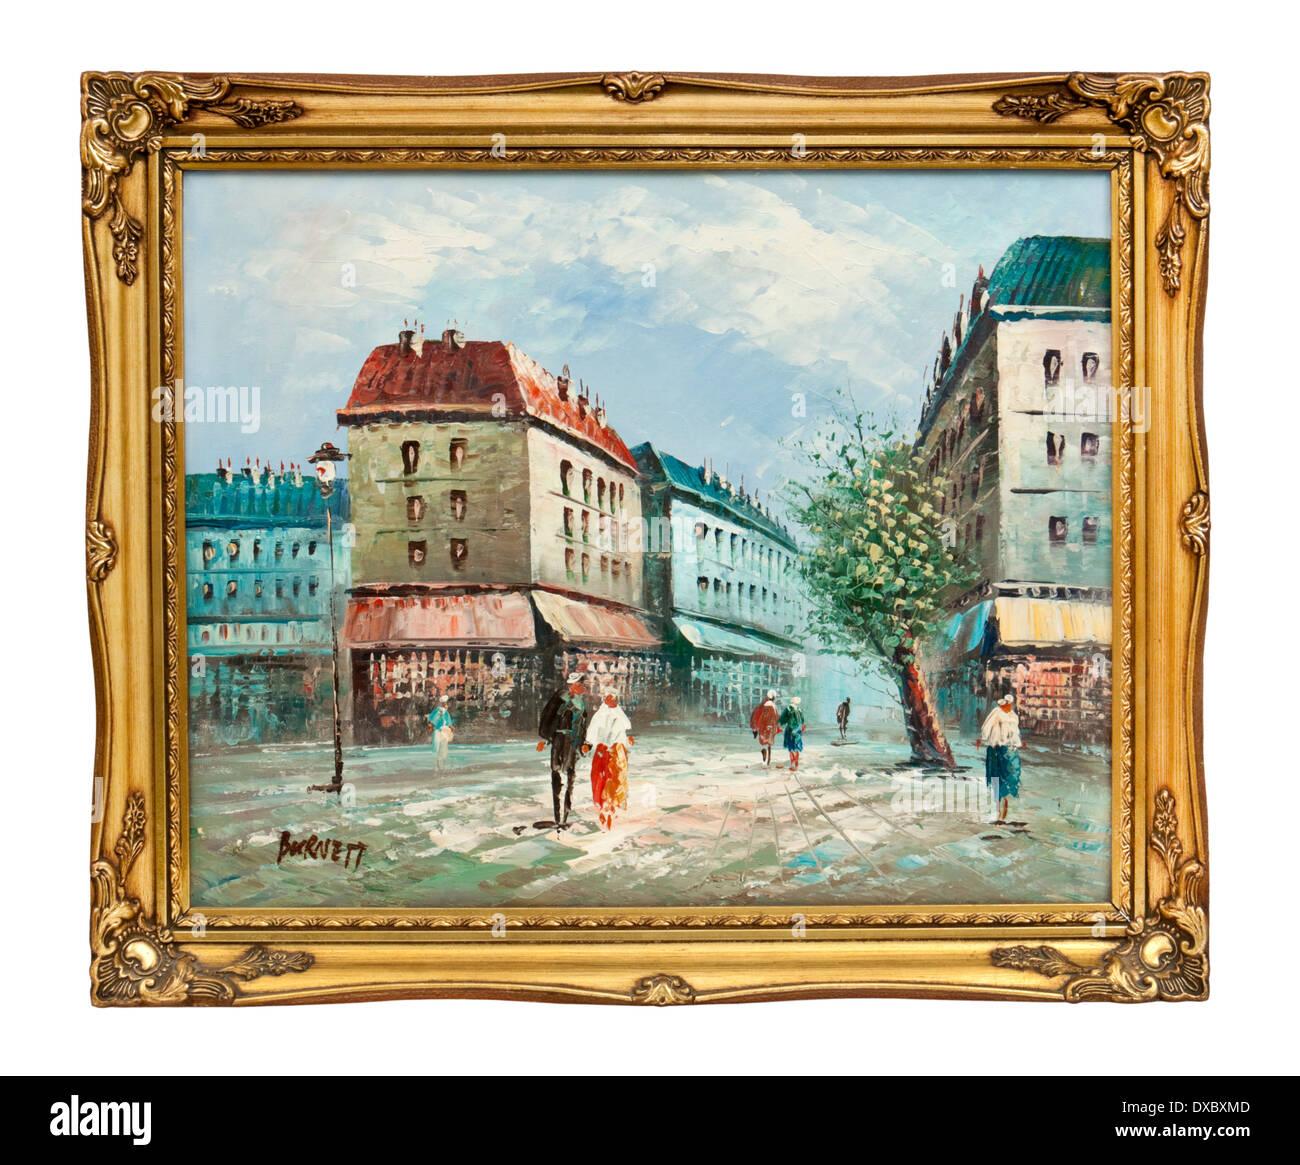 """Cornice originale olio su tela di una Parigi street scene, firmato """"Burnett'. Immagini Stock"""